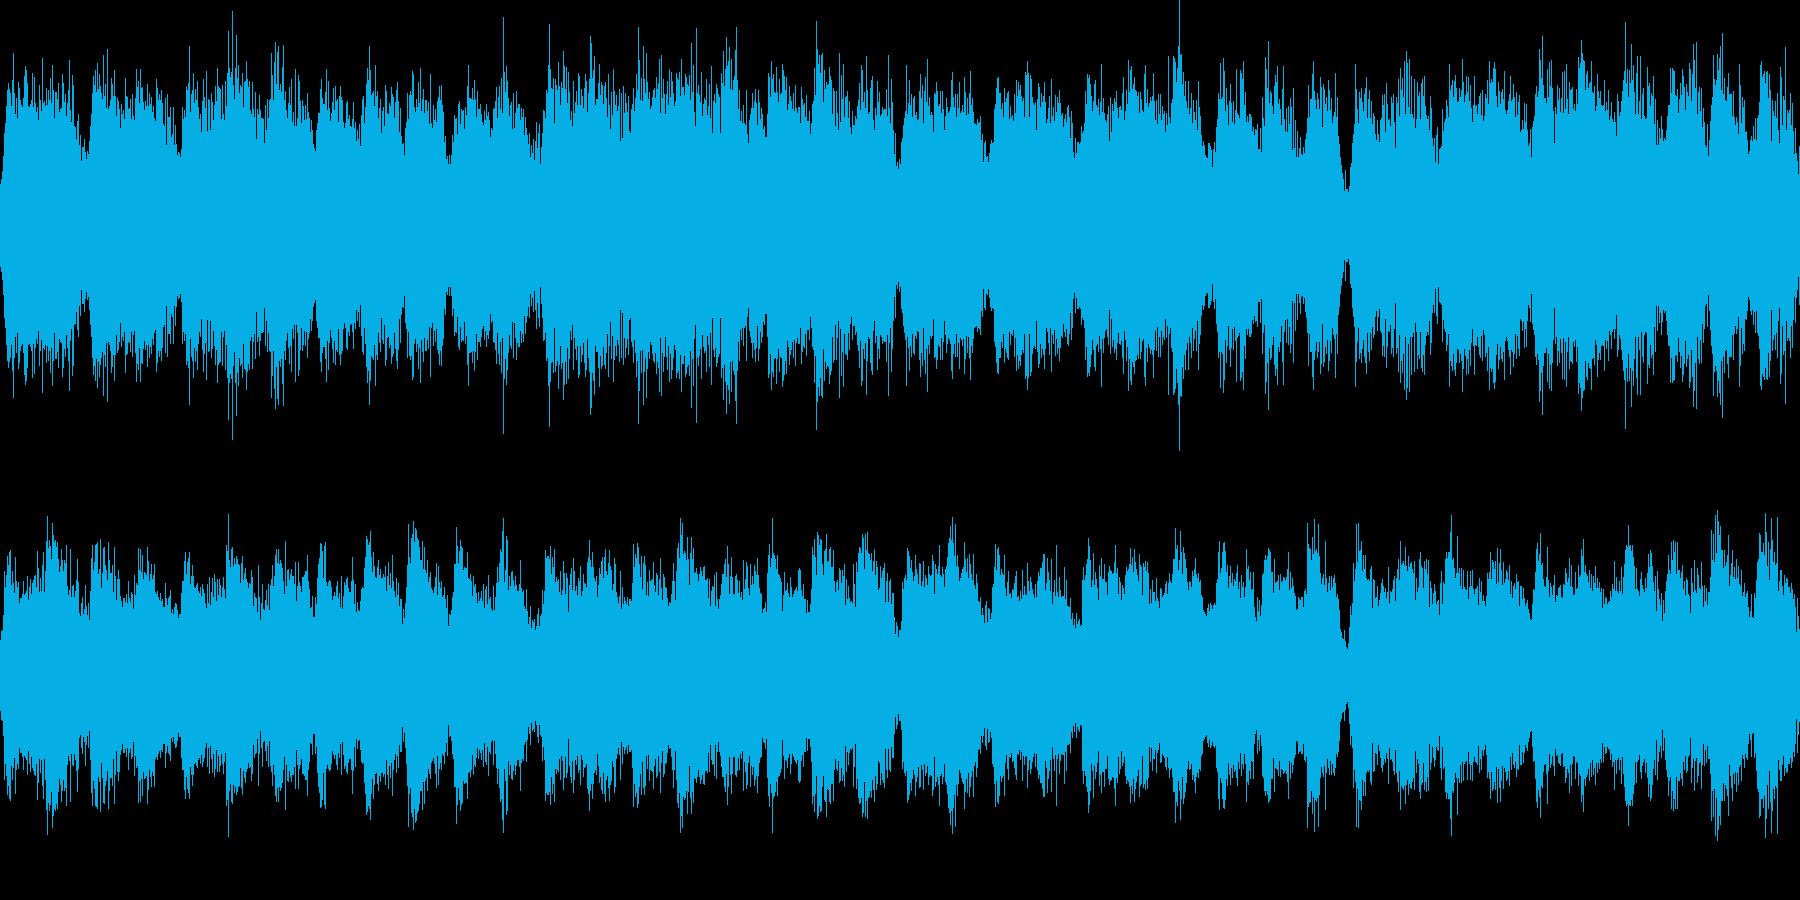 パイプオルガンの華やかなジングル_ループの再生済みの波形